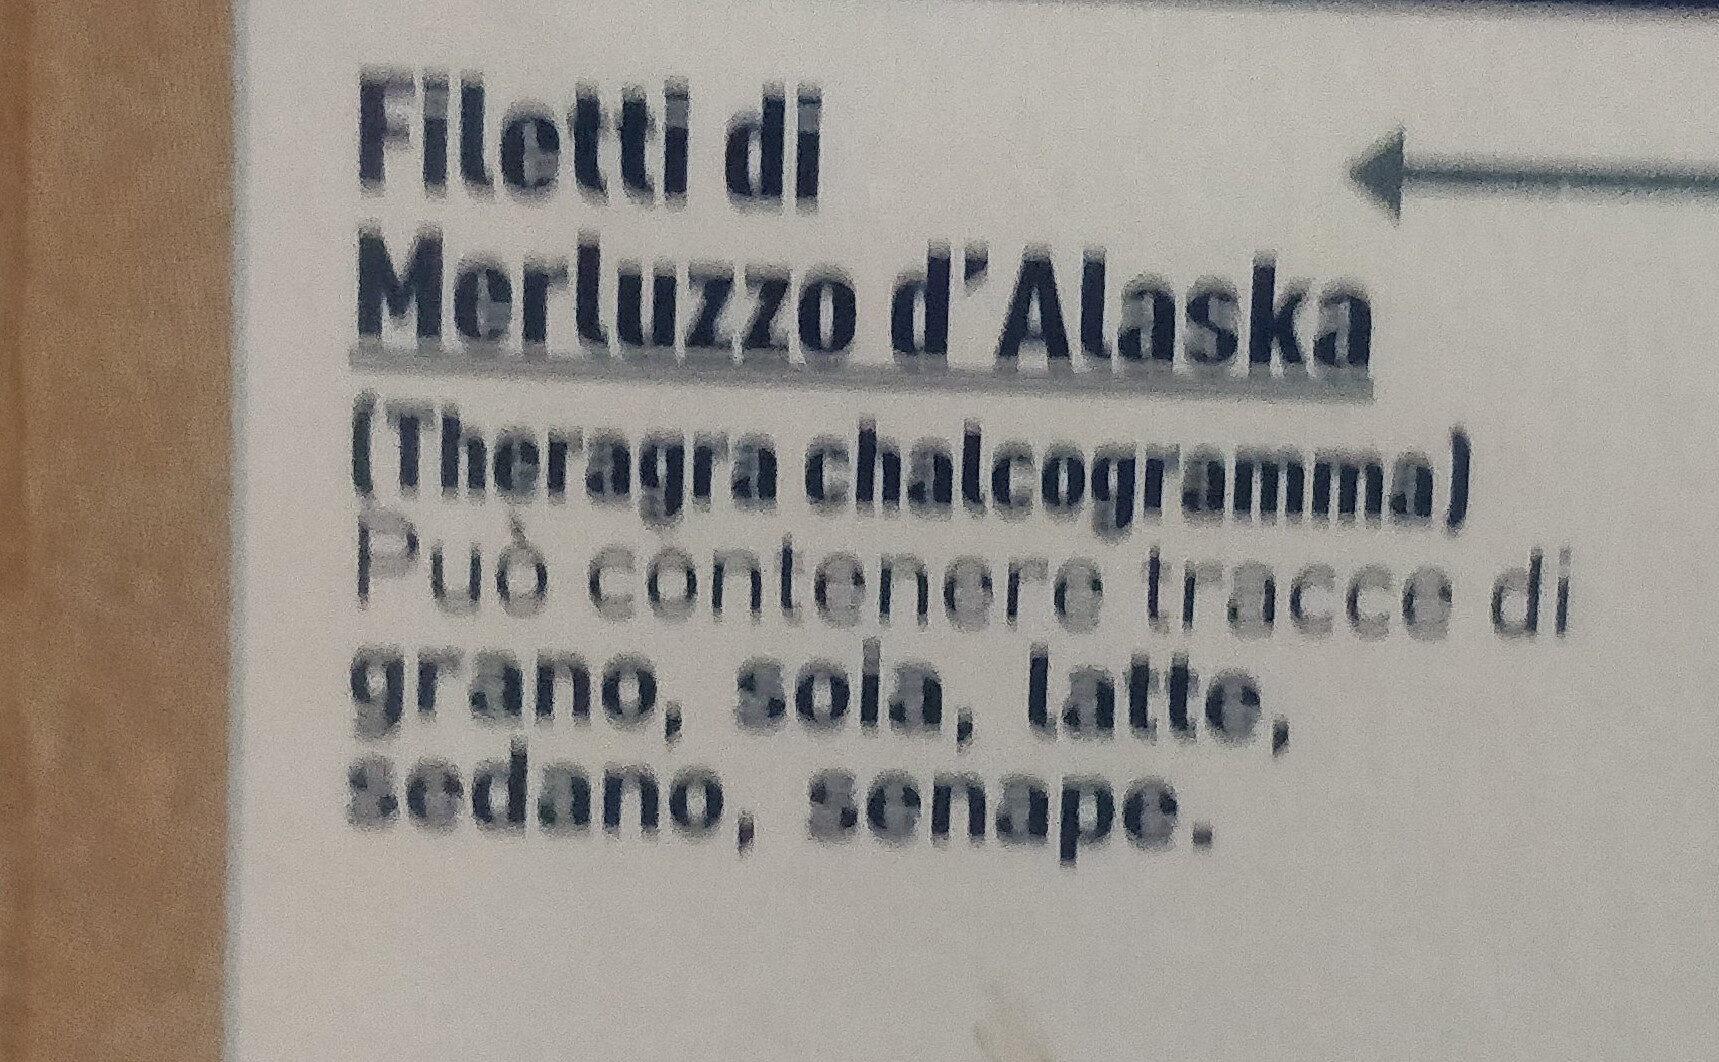 merluzzo d'Alaska - filetti da pesca sostenibile - Ingrediënten - it